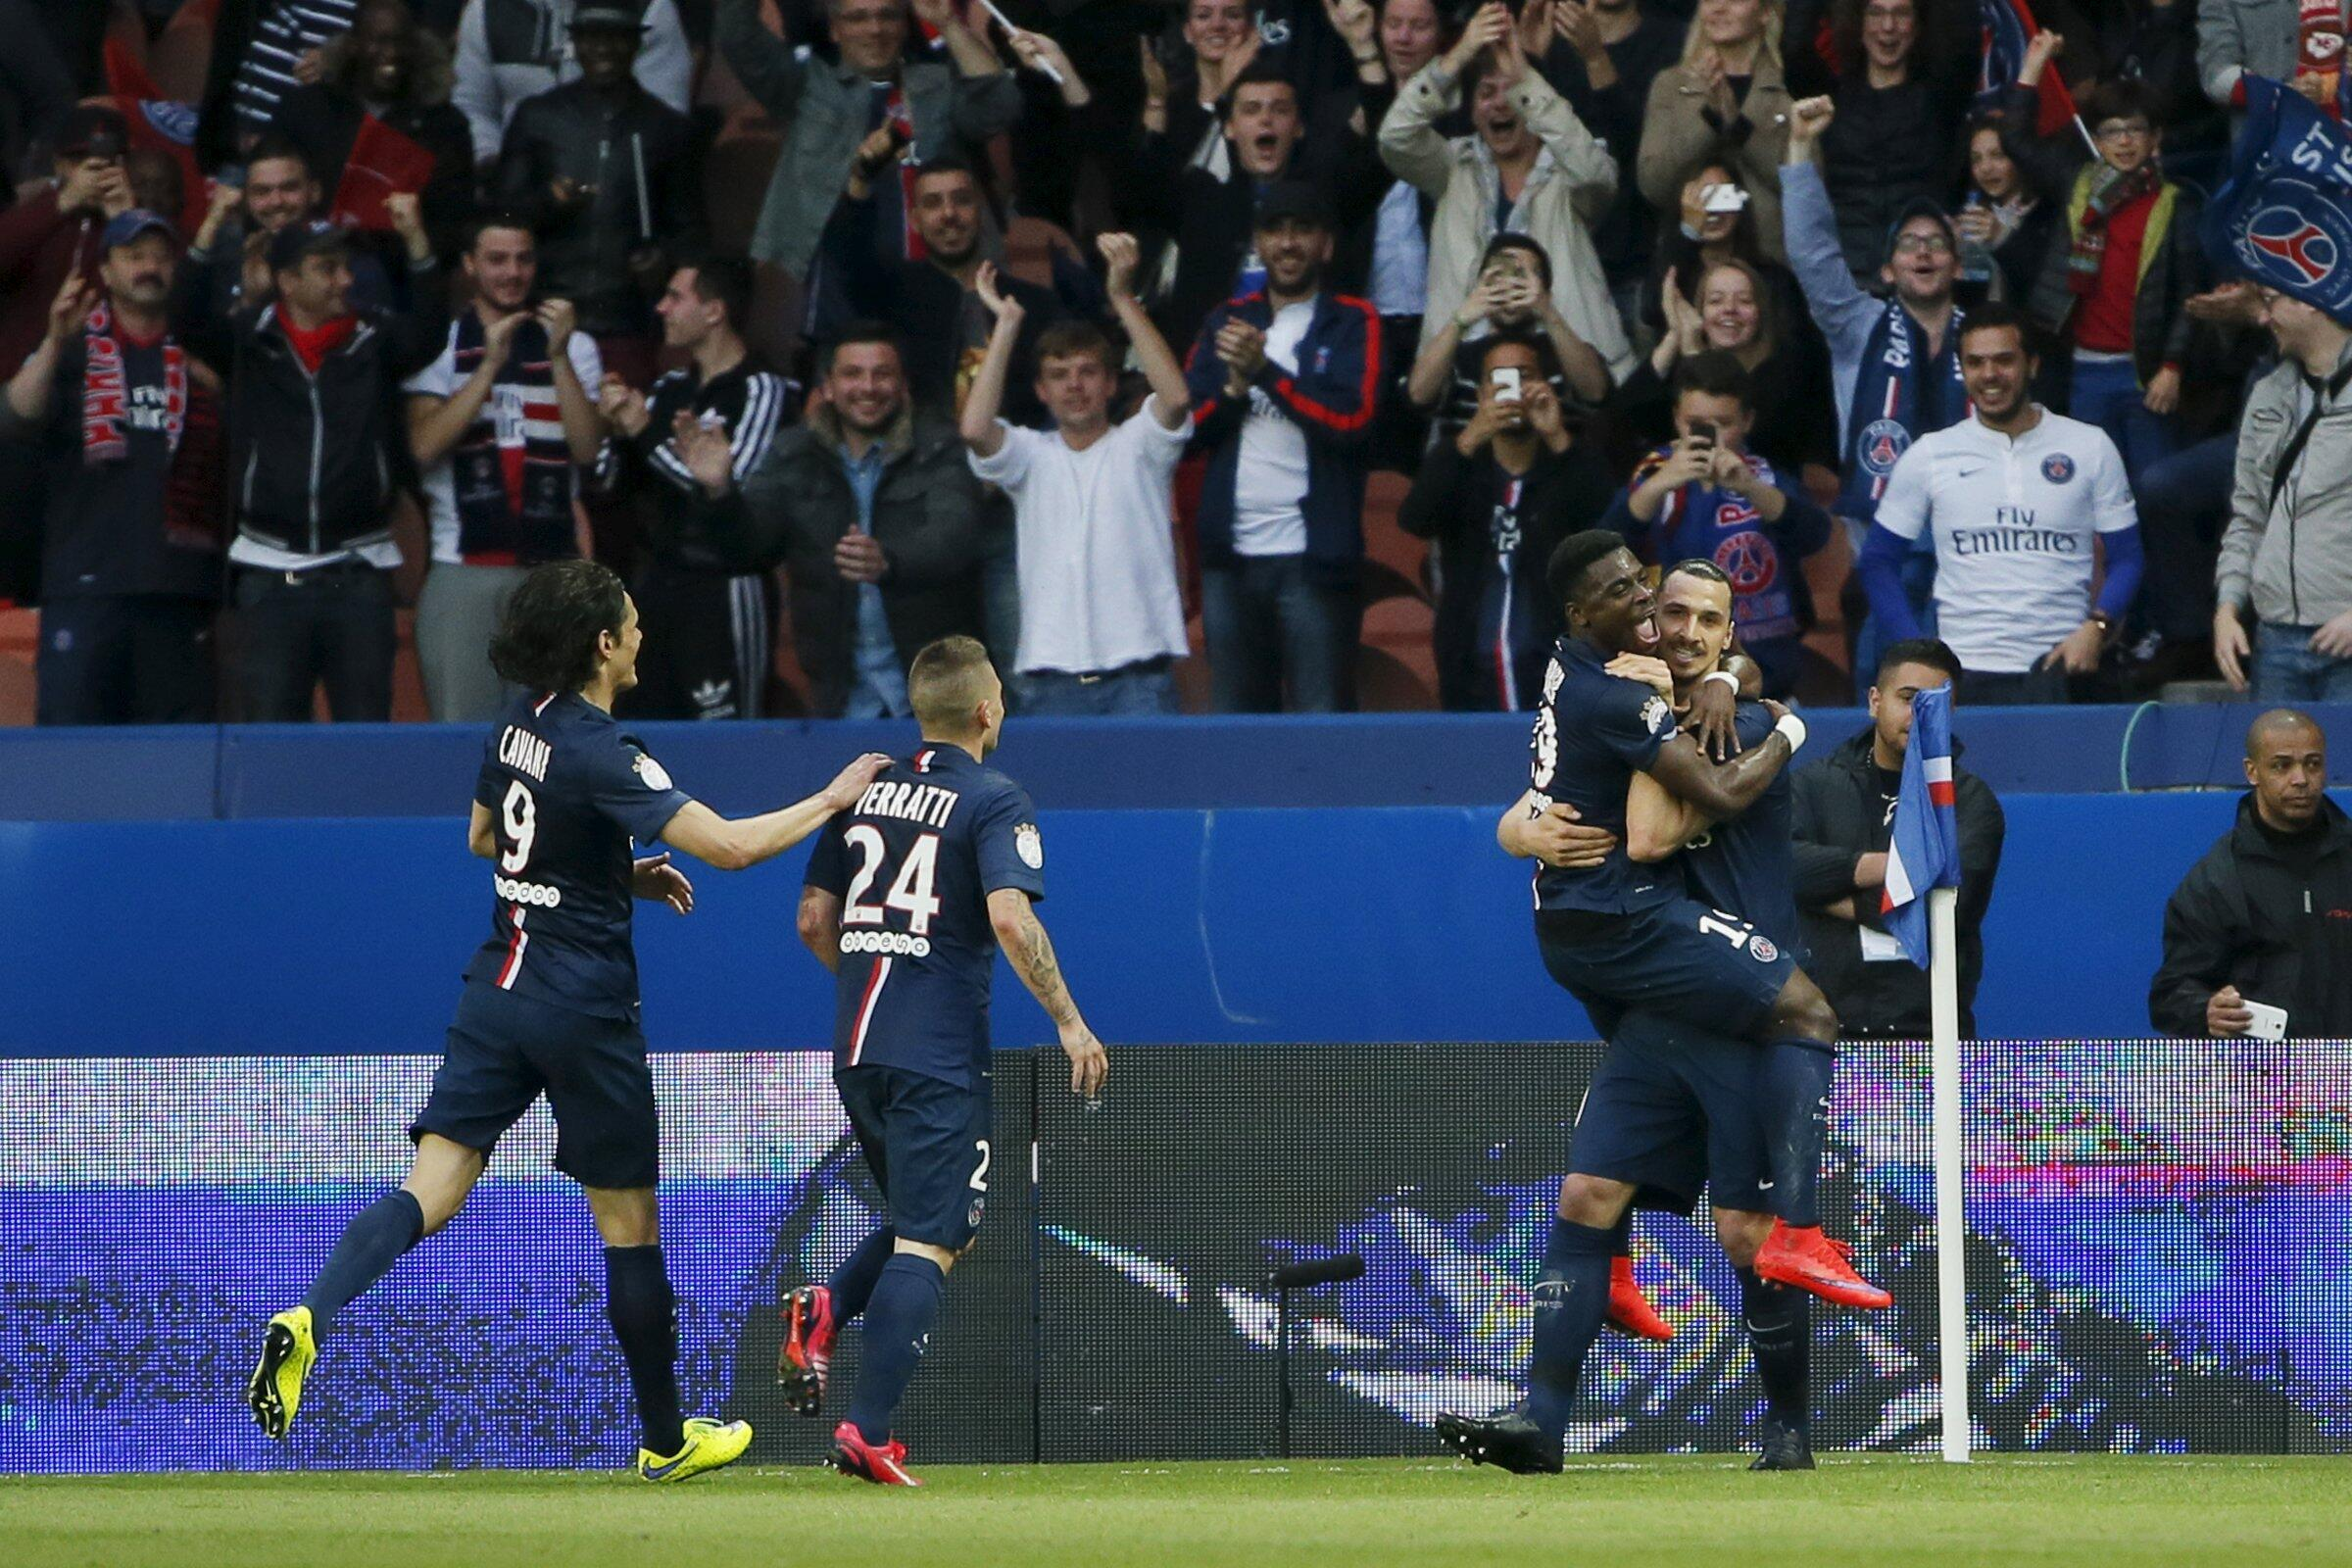 Jogadores do PSG comemoram um dos gols de Ibrahimovic na goleada de 6 a 0 sobre o Guingamp.